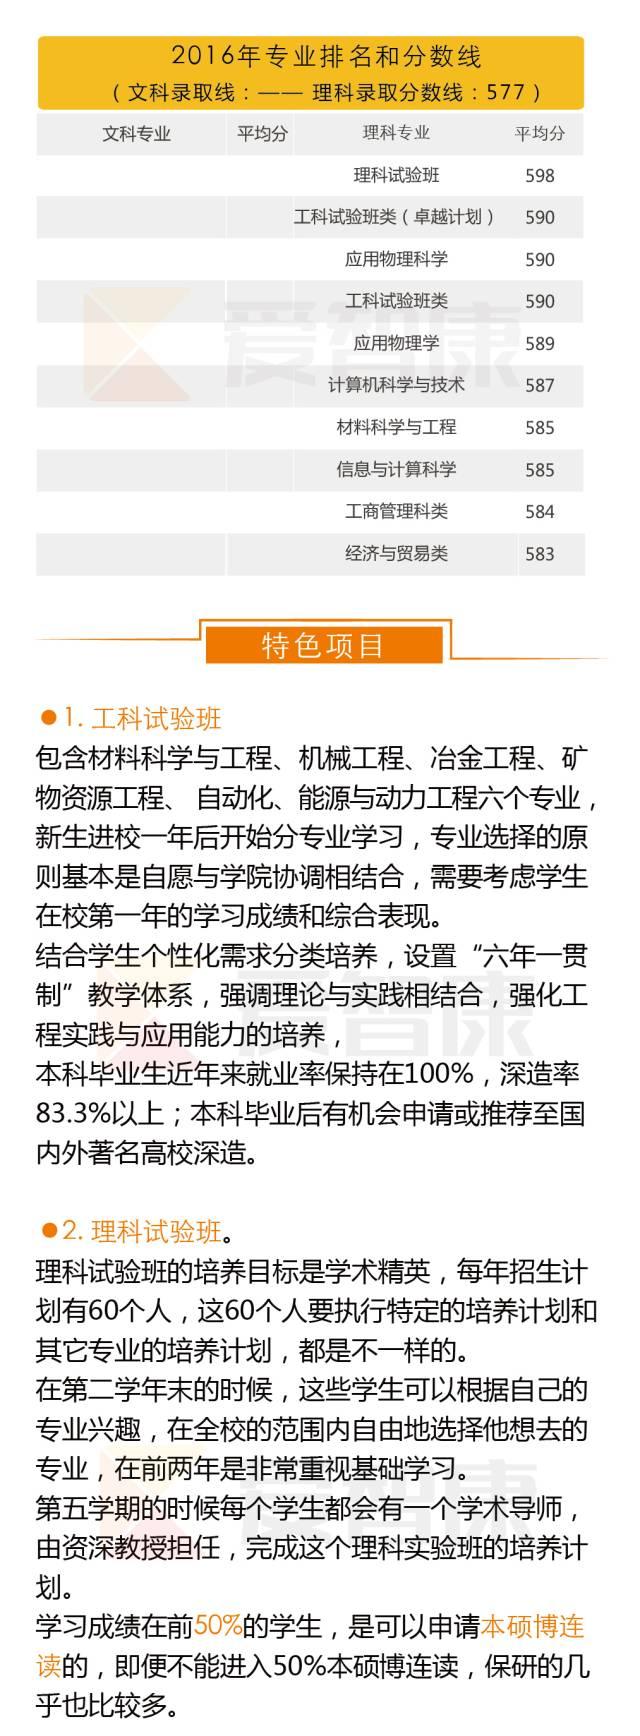 北京科技大学2016专业排名分数线及特色项目